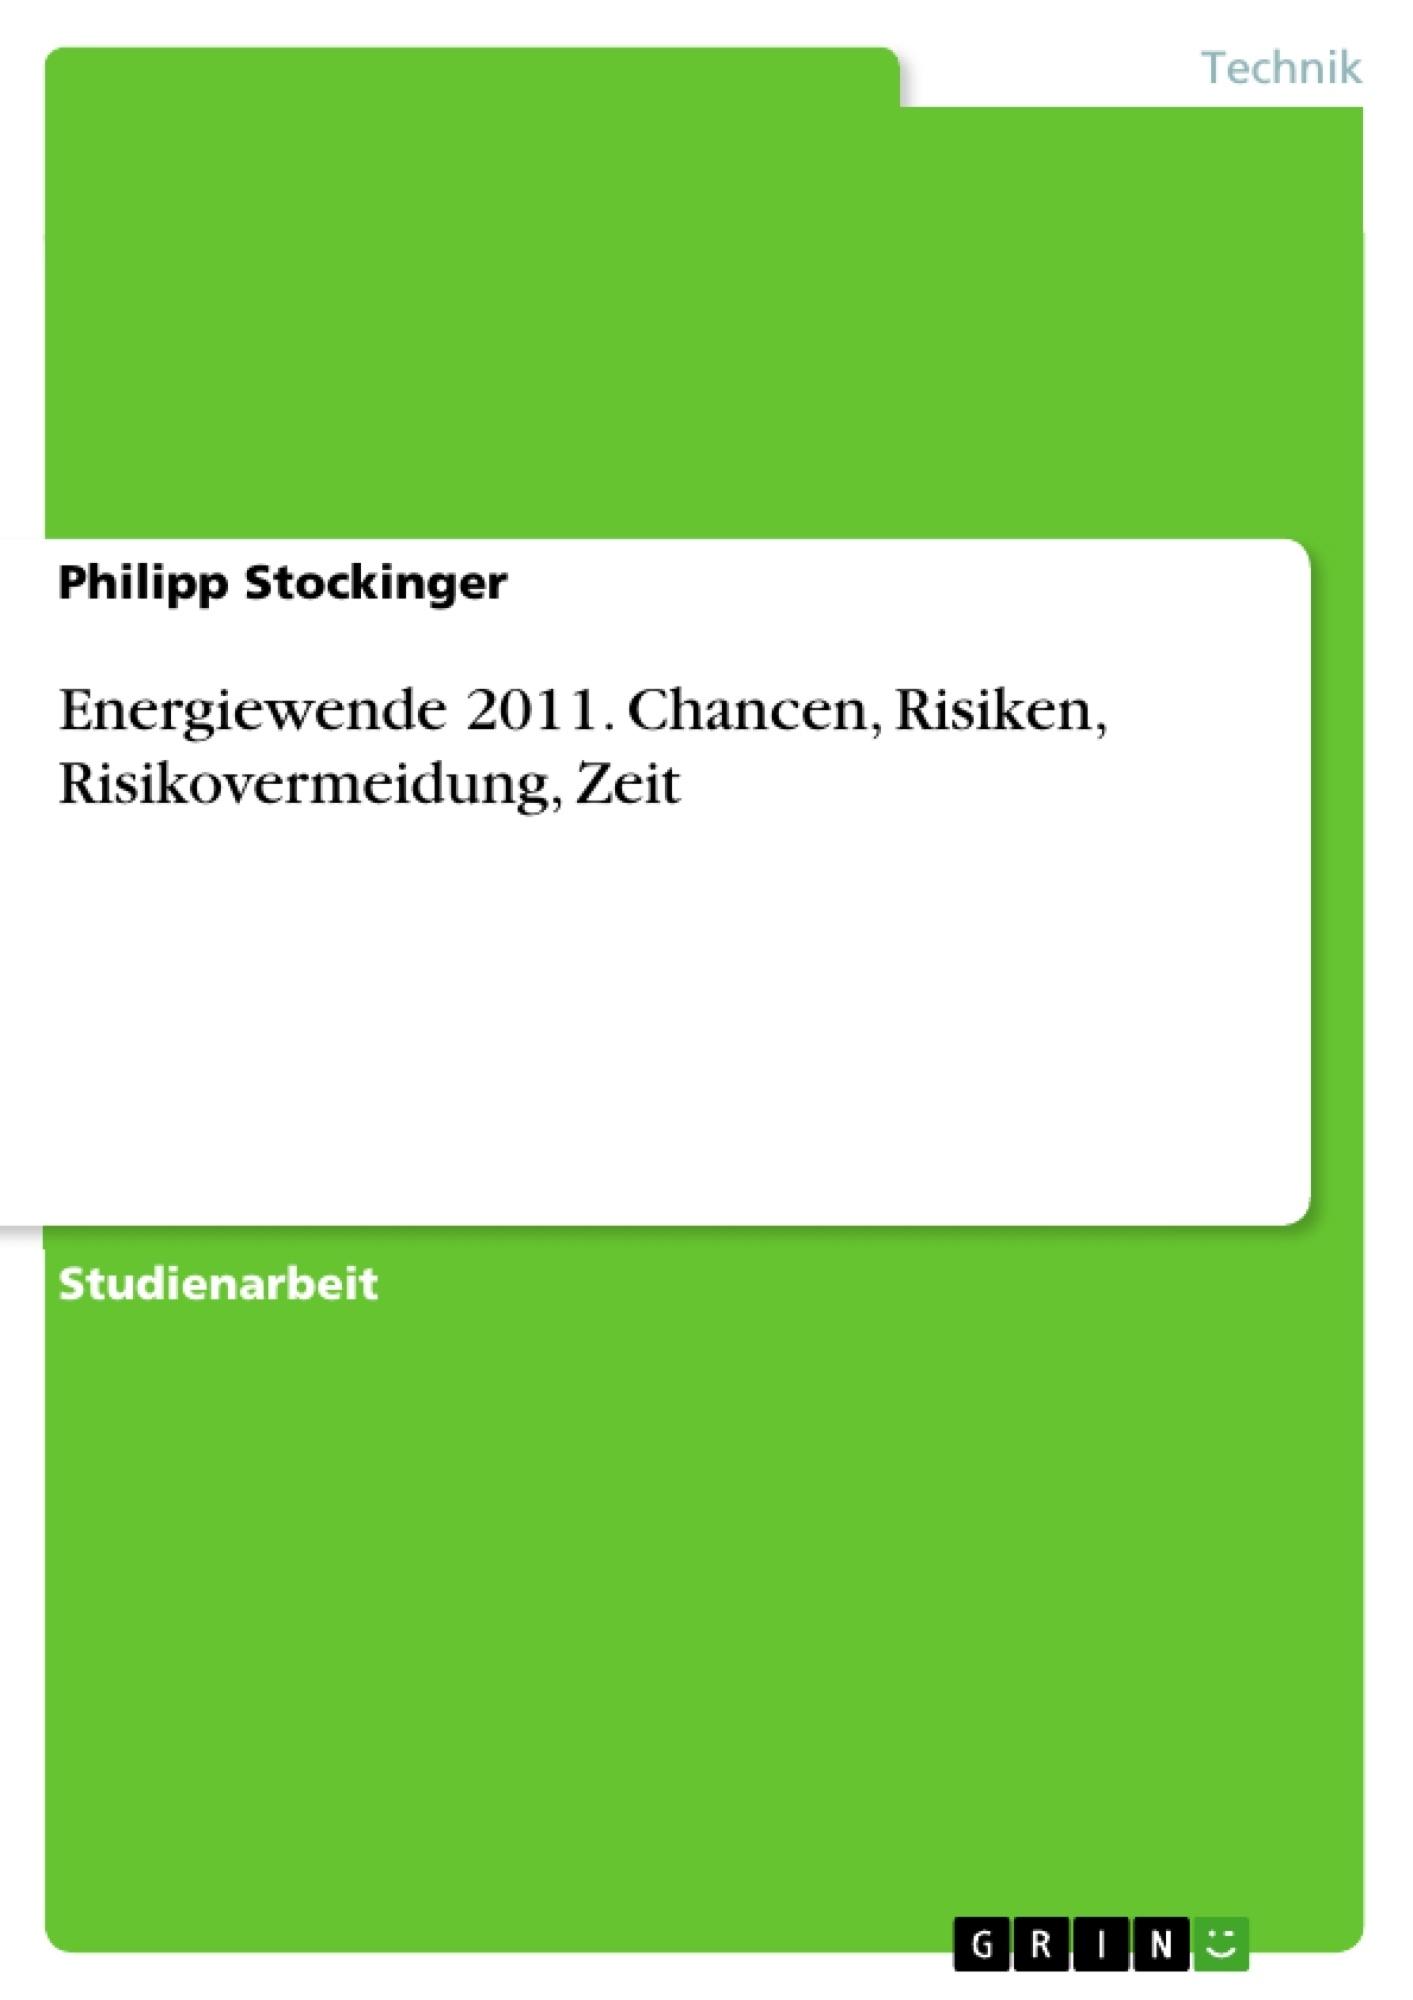 Titel: Energiewende 2011. Chancen, Risiken, Risikovermeidung, Zeit